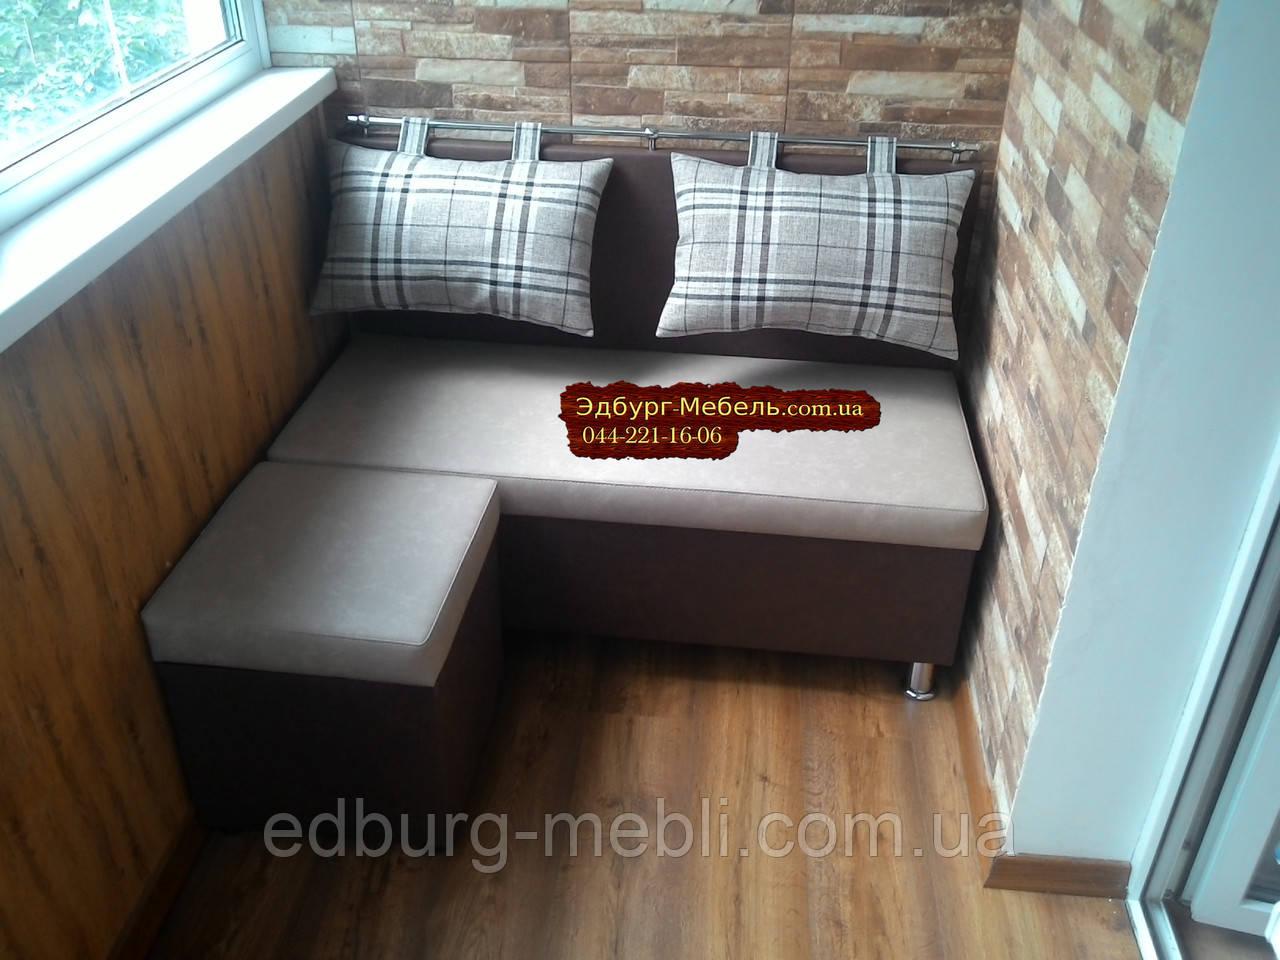 """Диван для кухни, лоджии, балкона """"Комфорт"""" экокожа + ткань 1100х500мм - фото 2"""